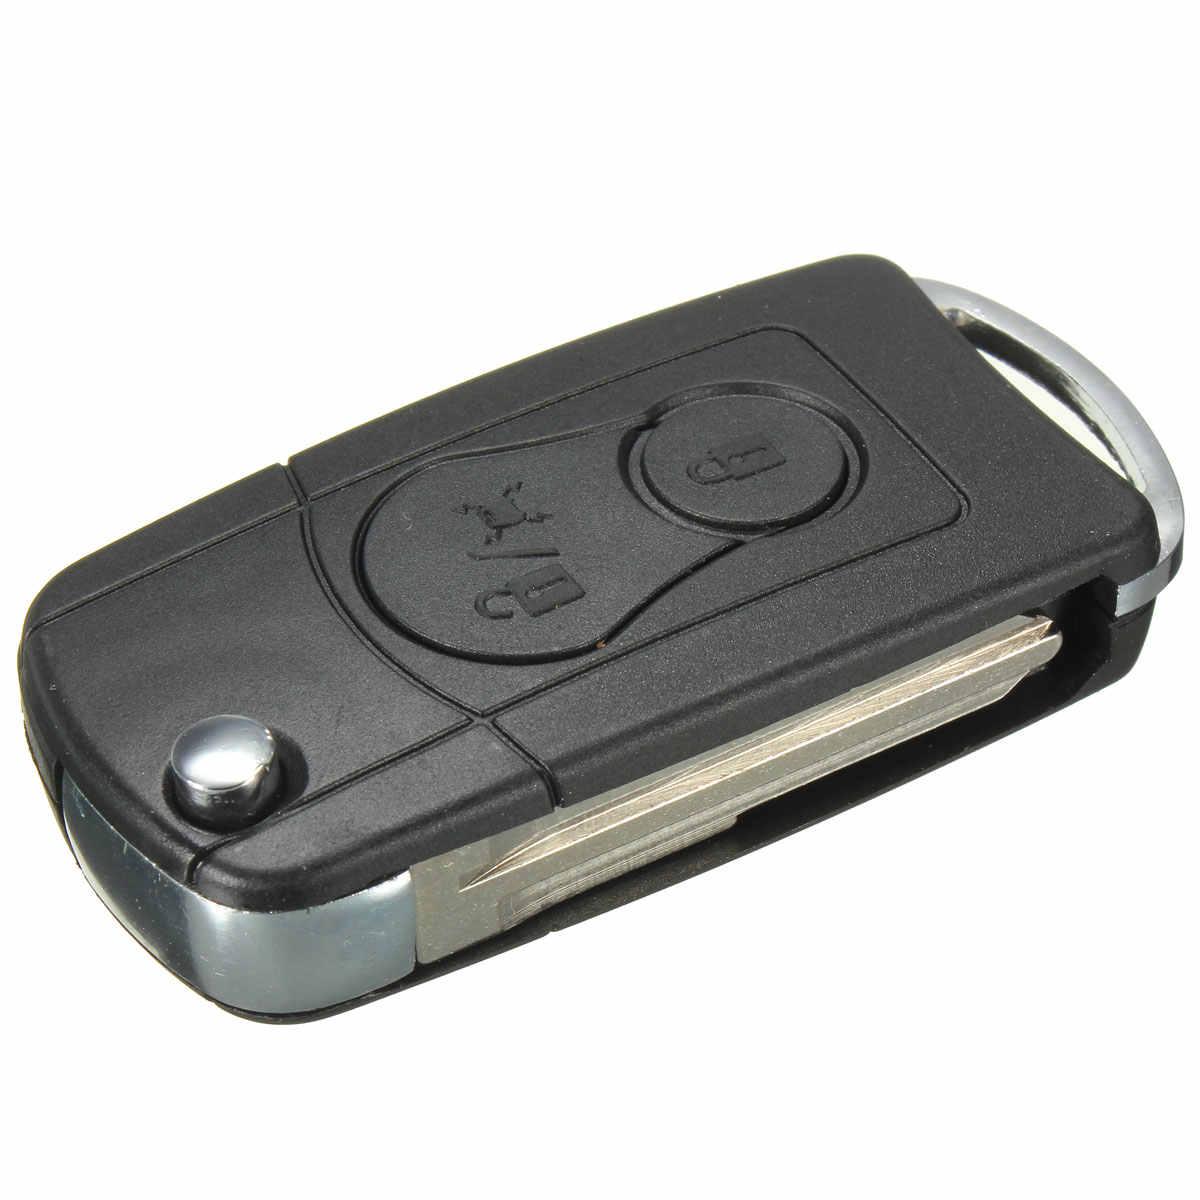 Mando a distancia plegable funda para llave de coche Fob para Ssangyong Actyon SUV Kyron 2 botones No Logo